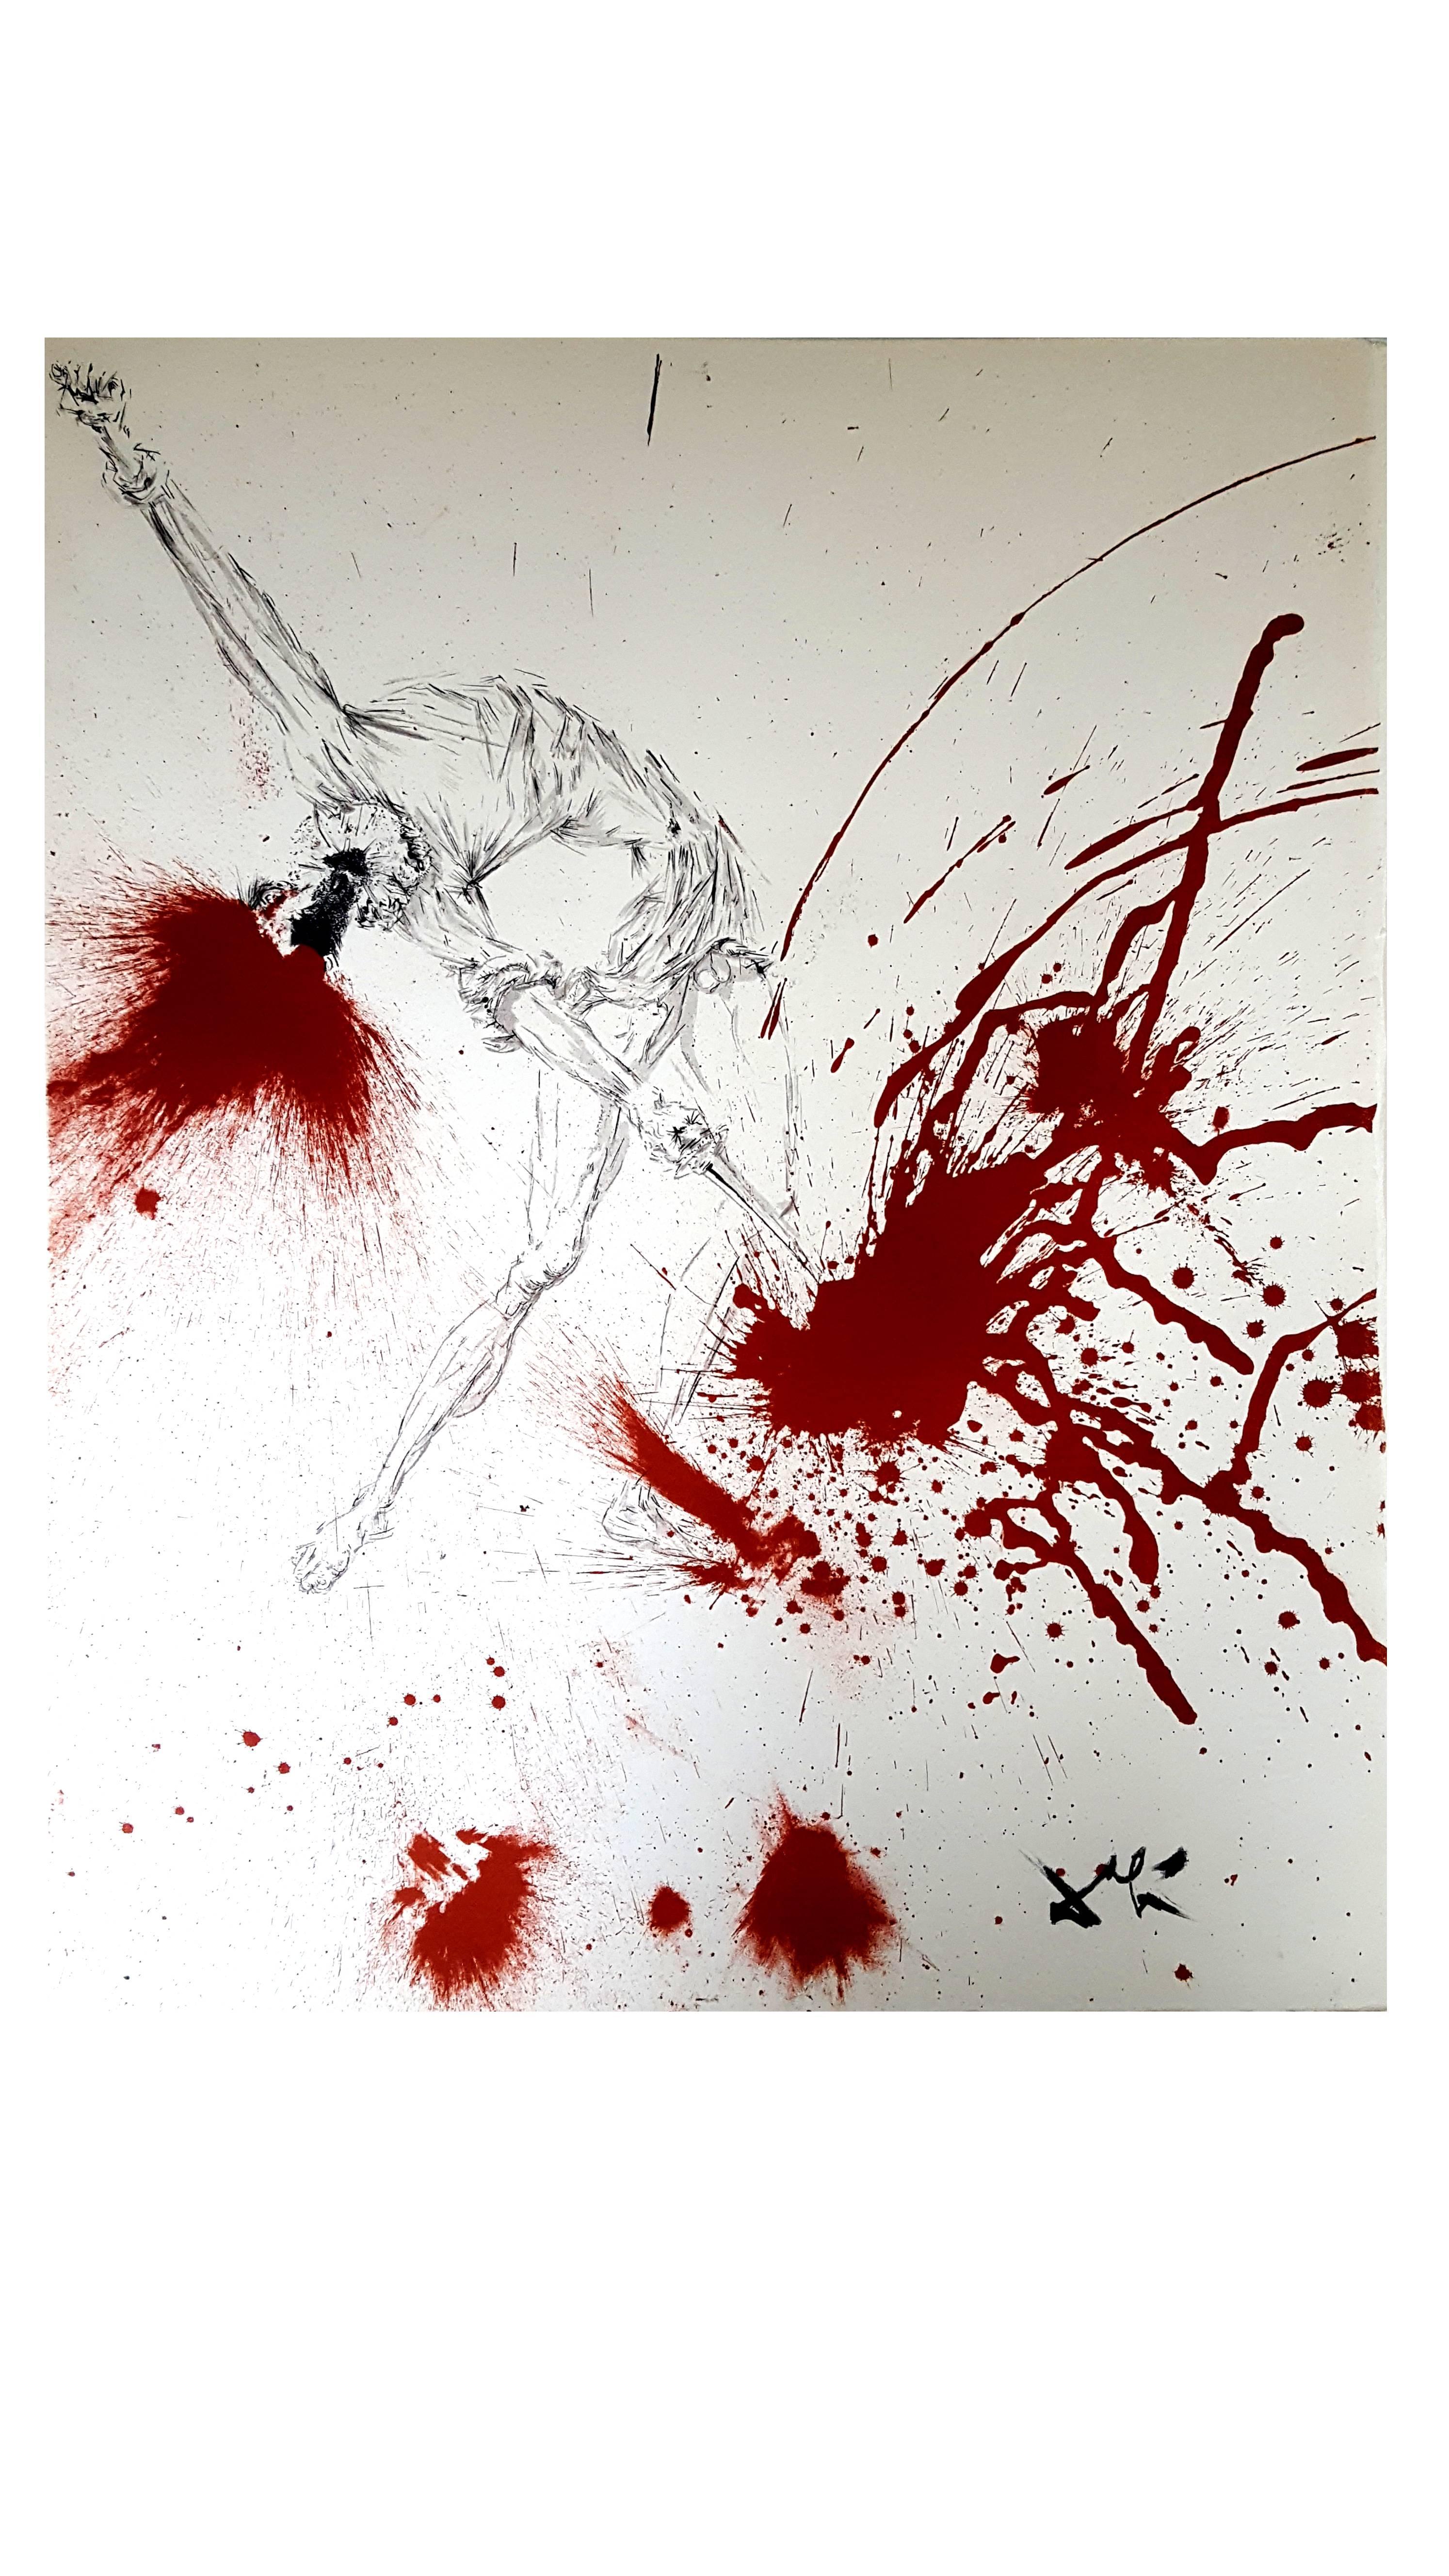 Salvador Dali - The Wine Casks - Original Lithograph